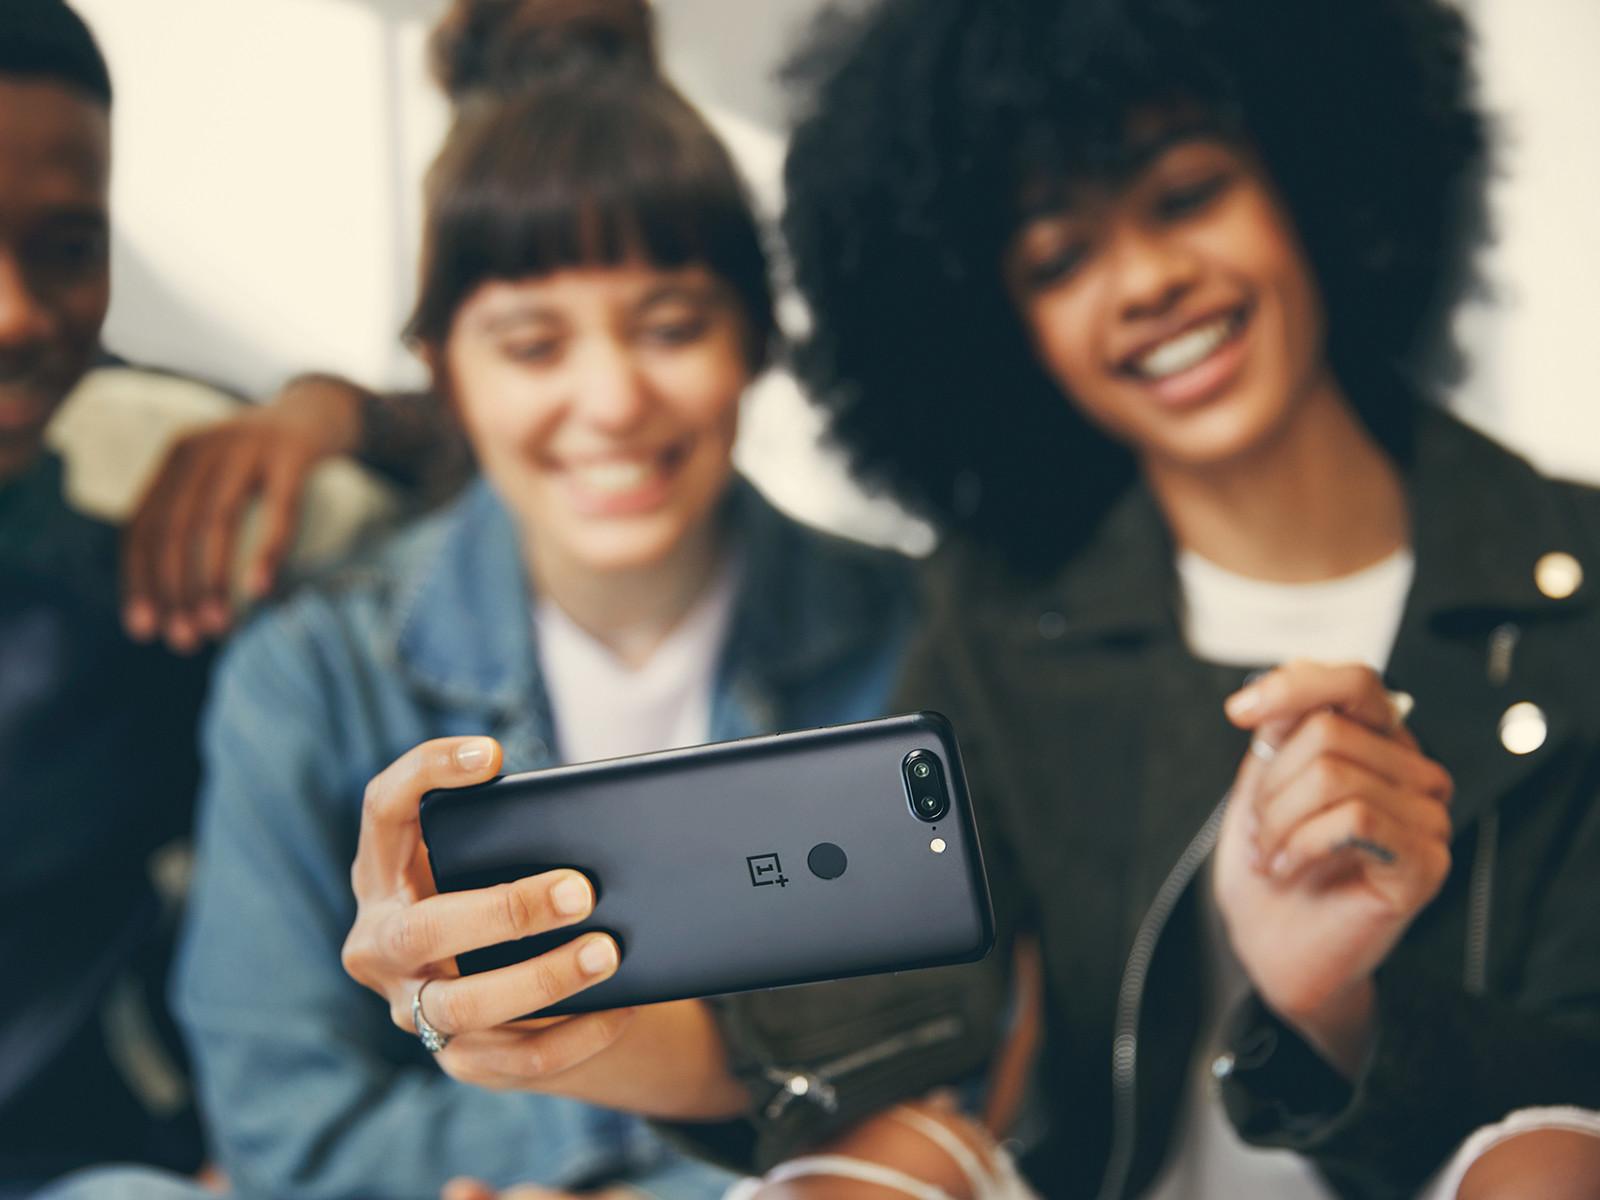 一加手机5T(64GB)时尚美图第7张